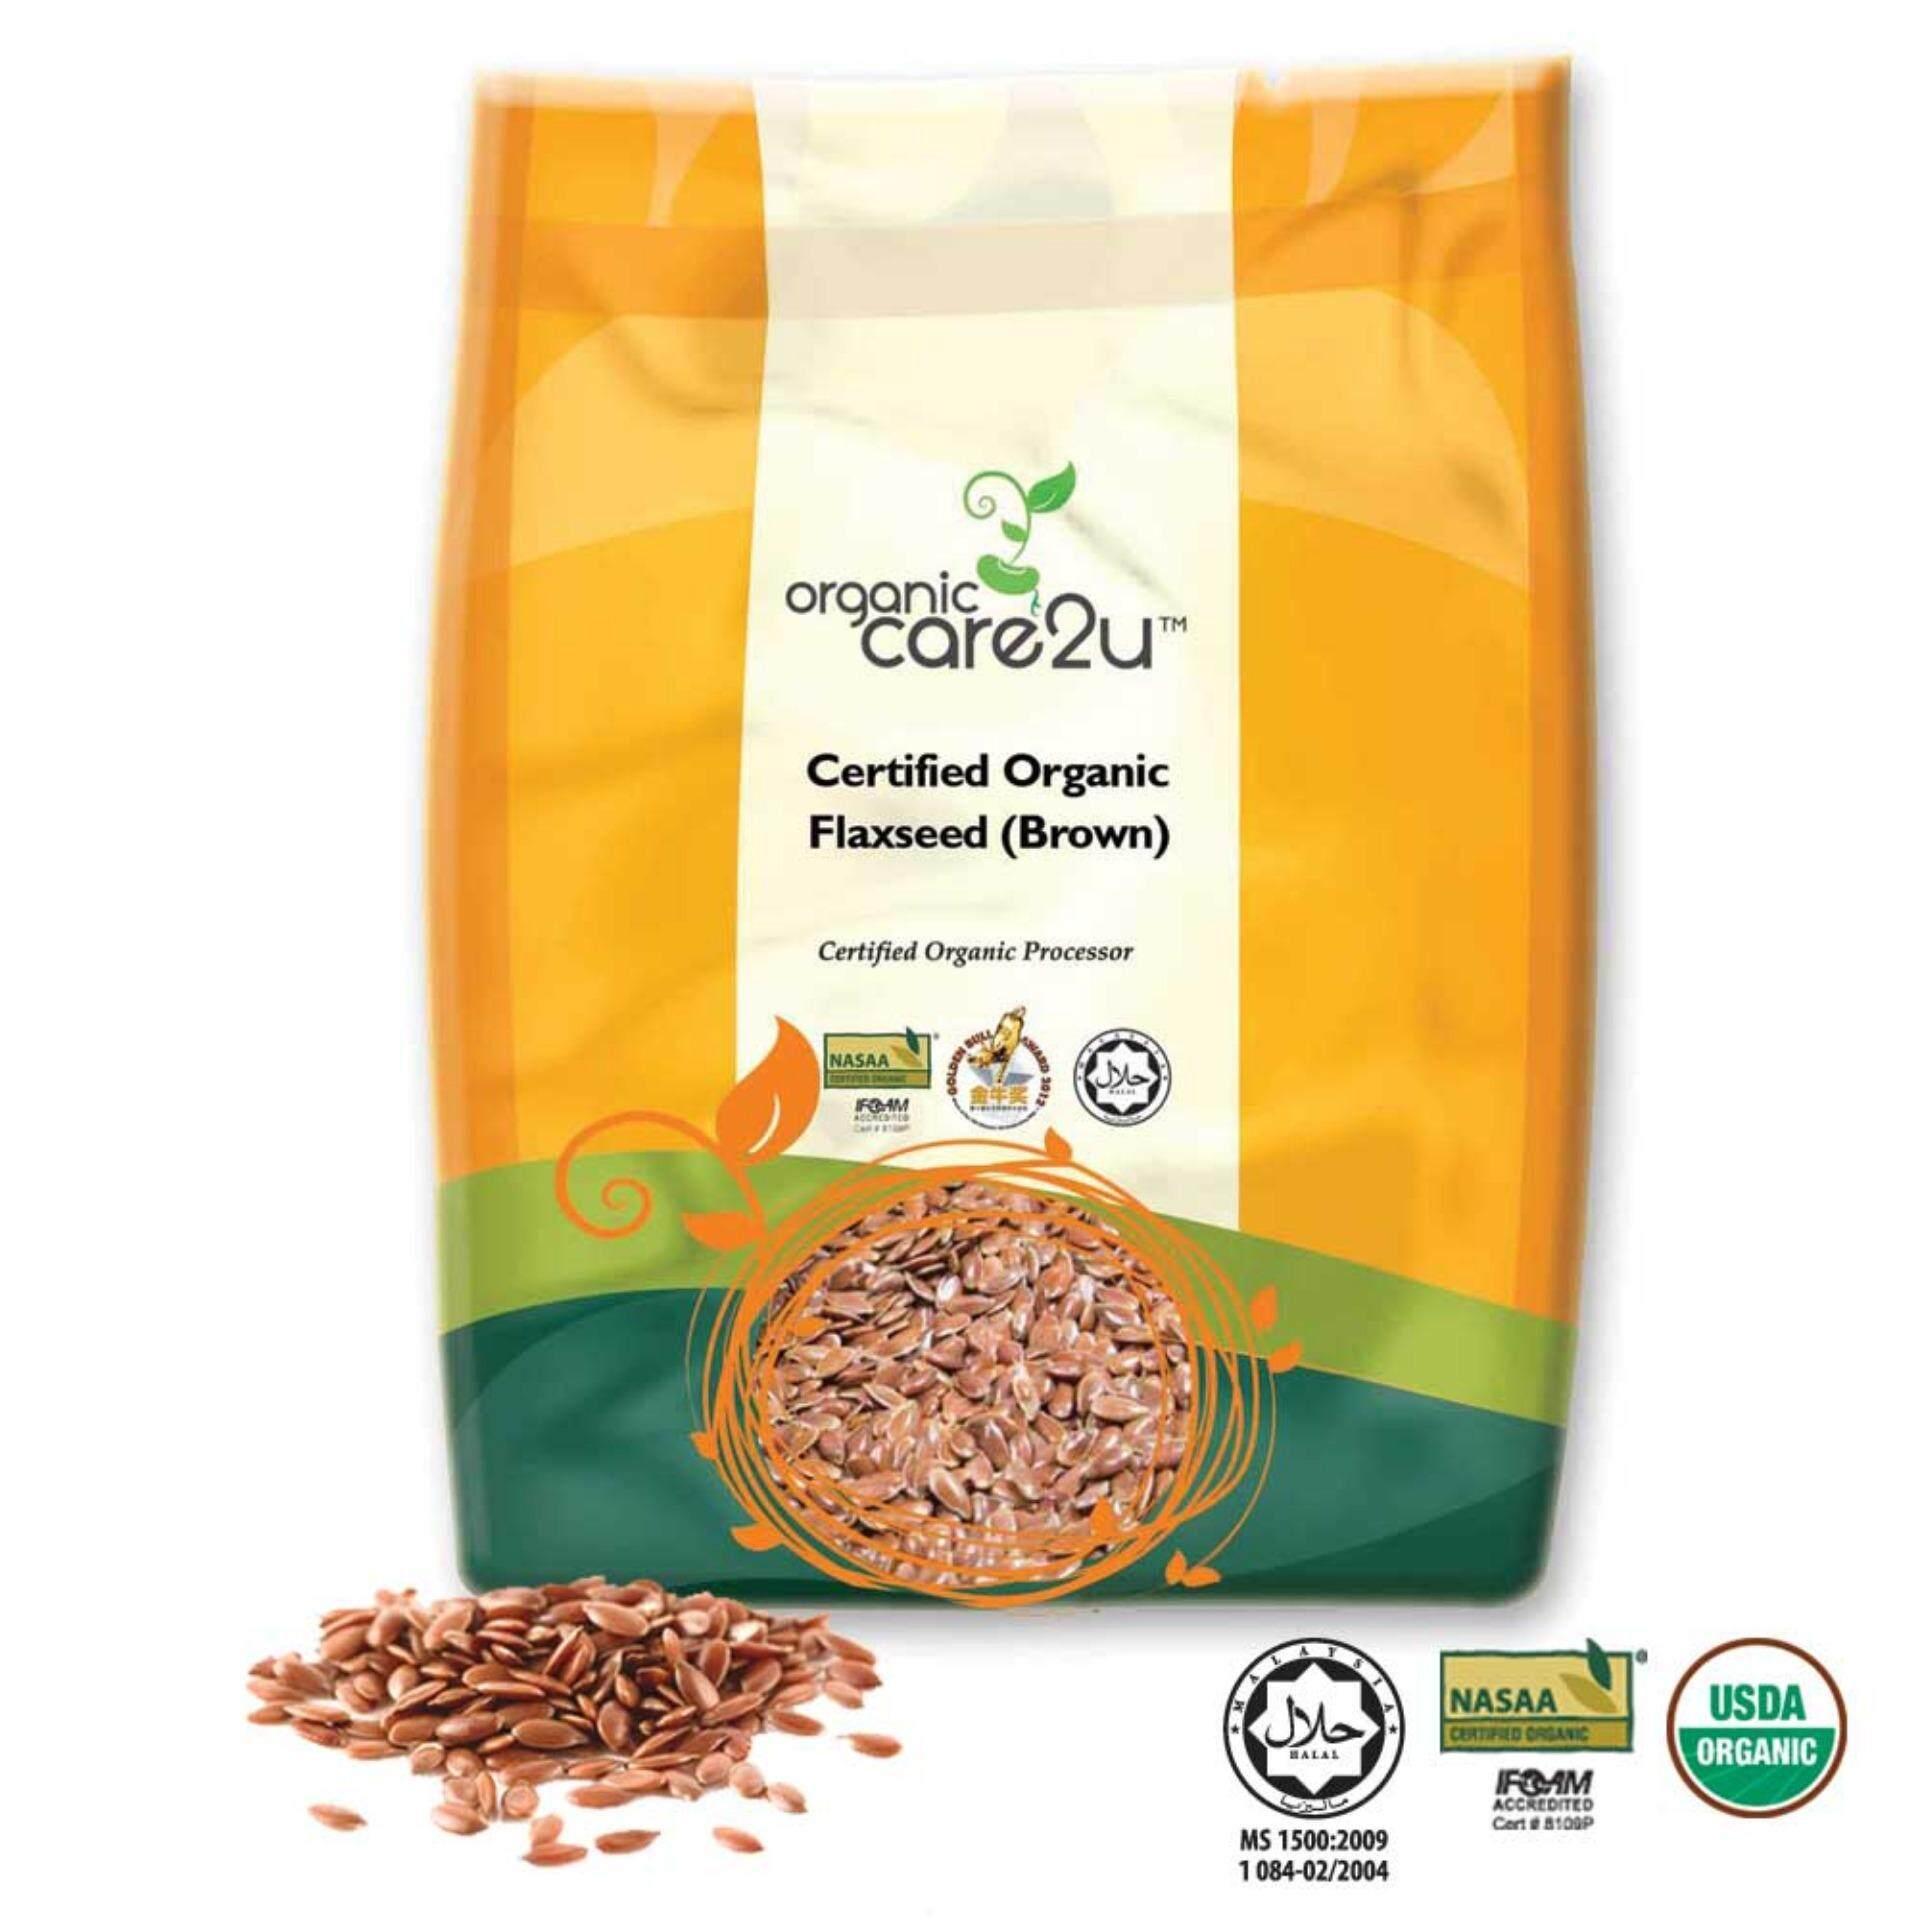 Organic Care2u Organic Flax Seed (brown) (400g)